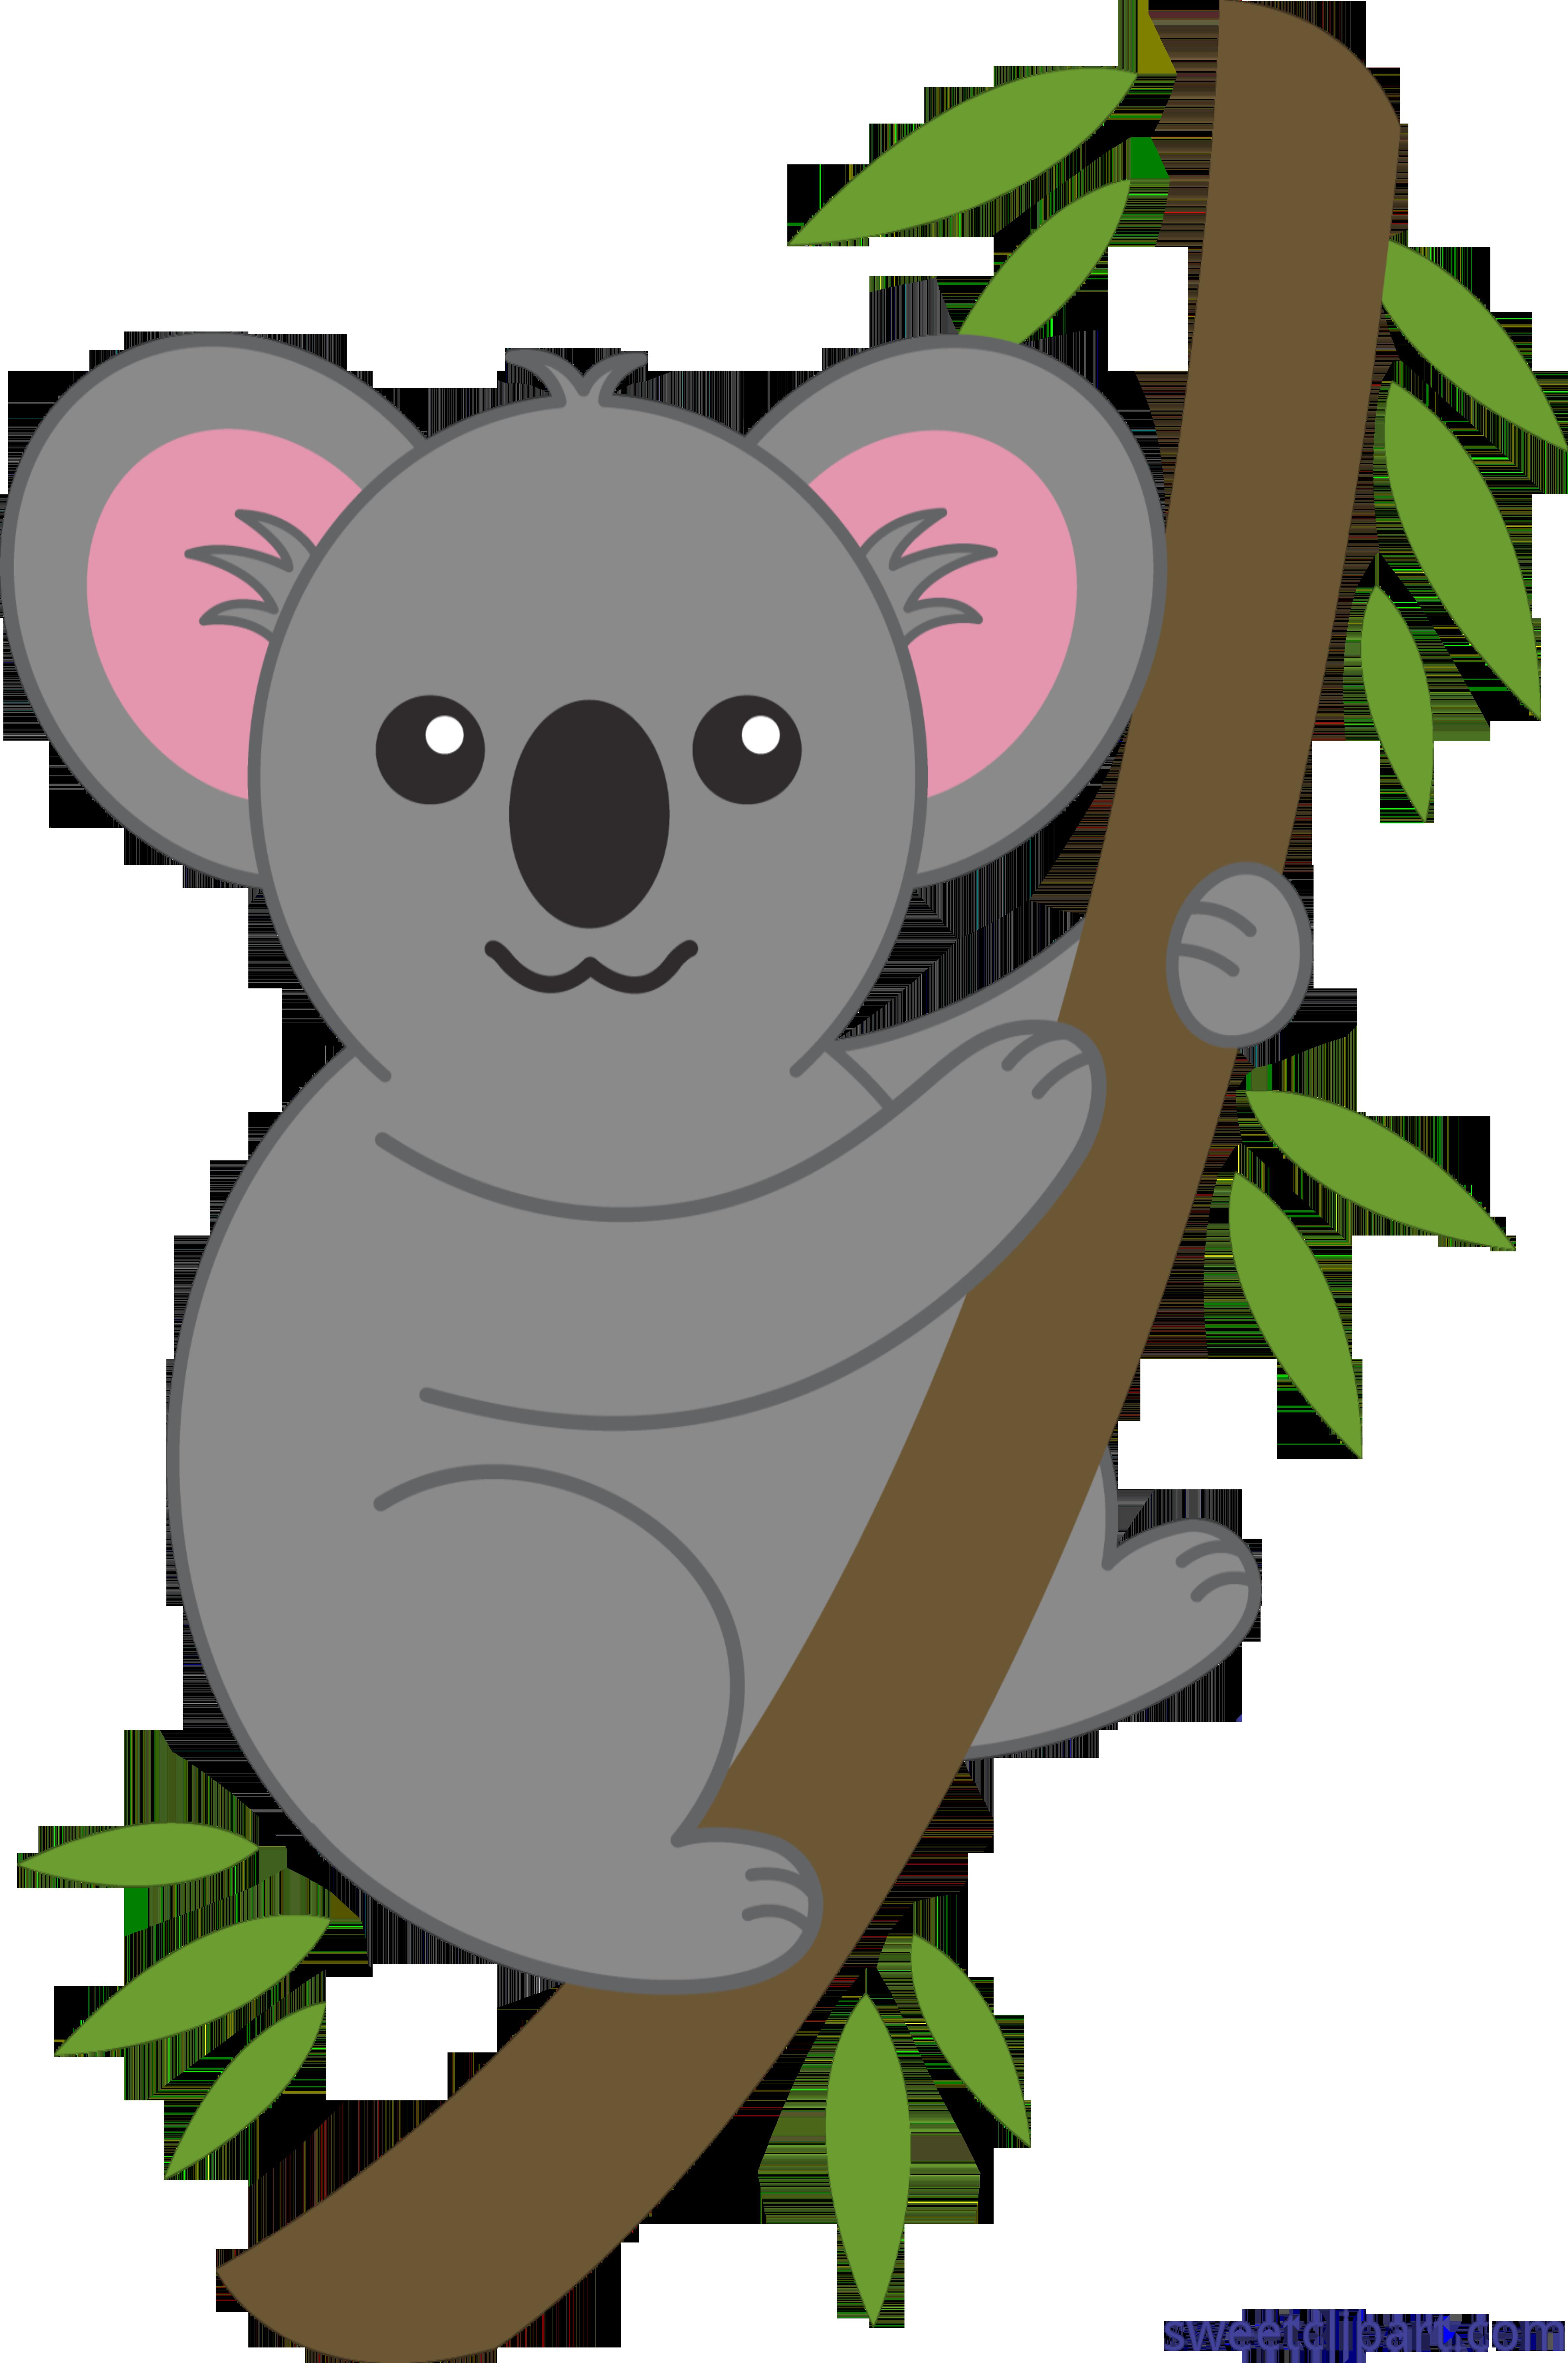 Animal clipart koala jpg black and white library Koala On Tree Clip Art - Sweet Clip Art jpg black and white library